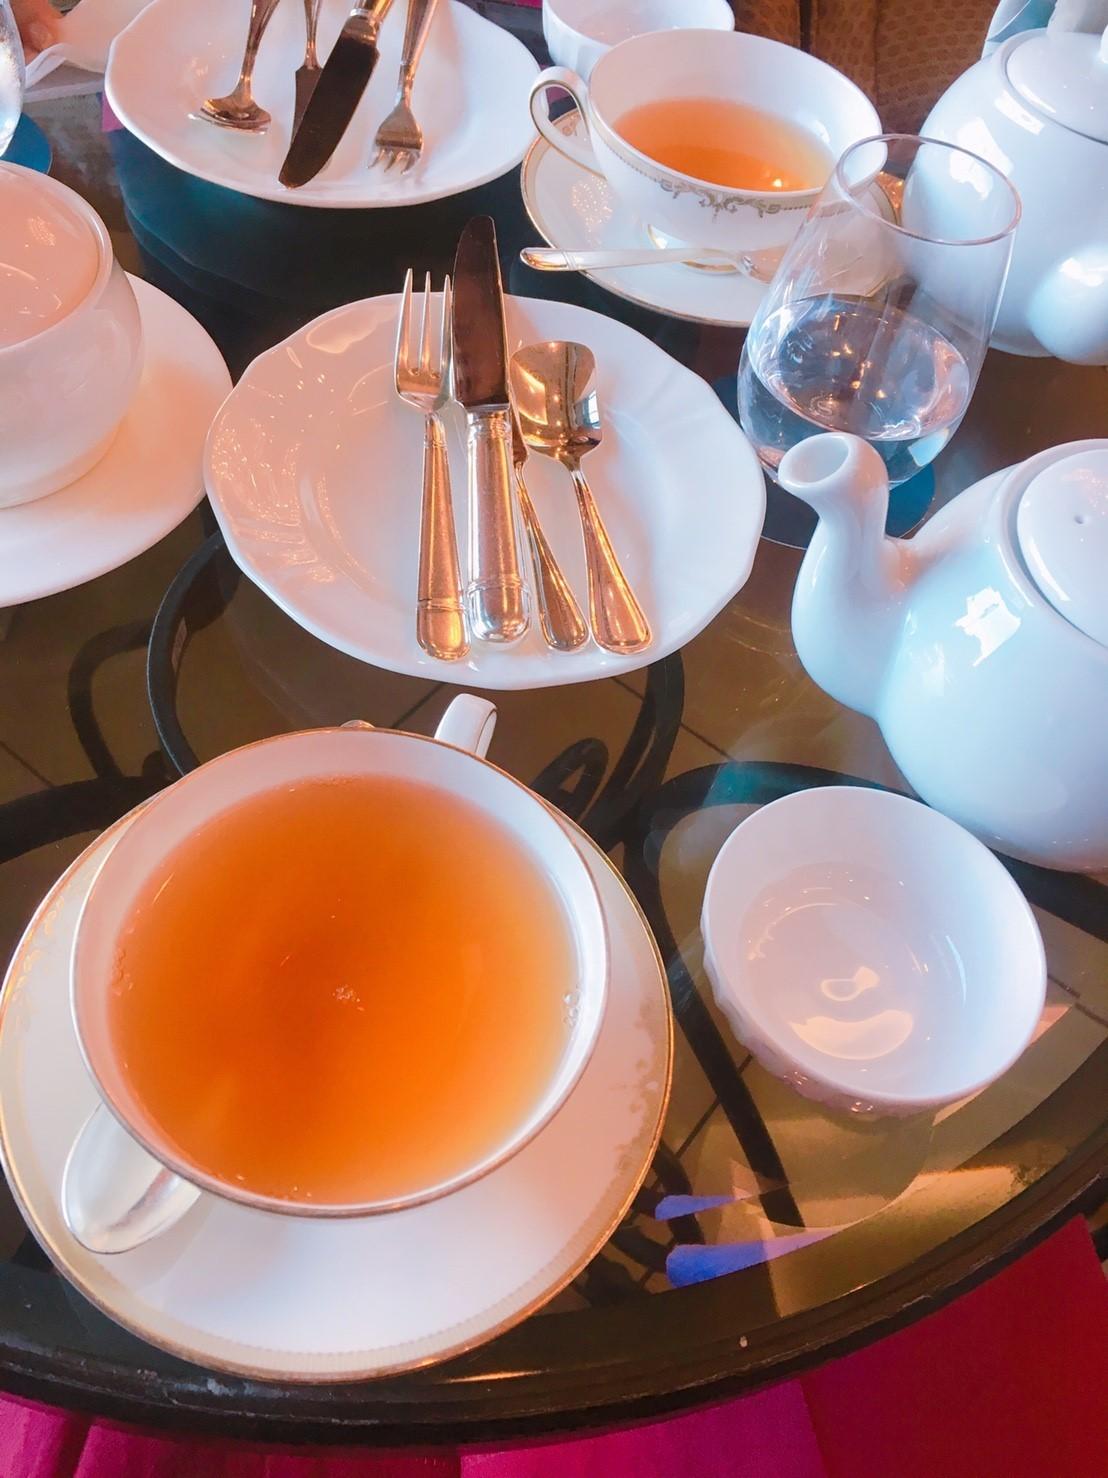 【横浜】ベイシェラトンホテルでアフタヌーン・ティー_1_1-1